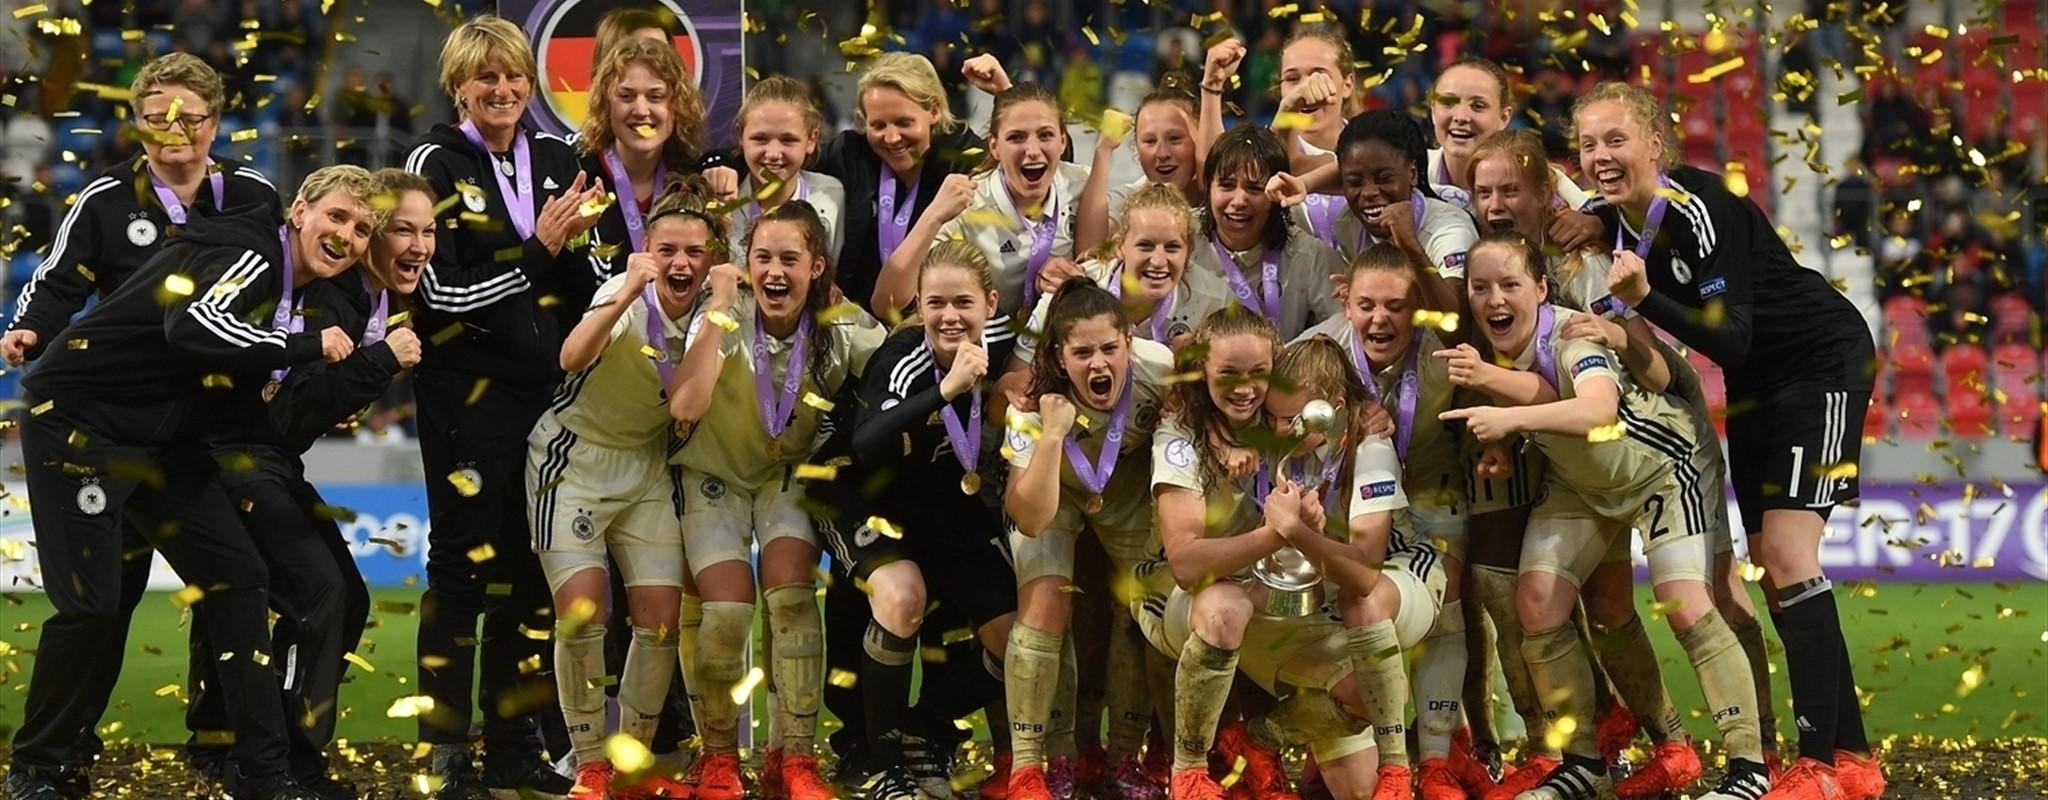 L'Allemagne encore sur le toit de l'Europe en U17 (photo UEFA)